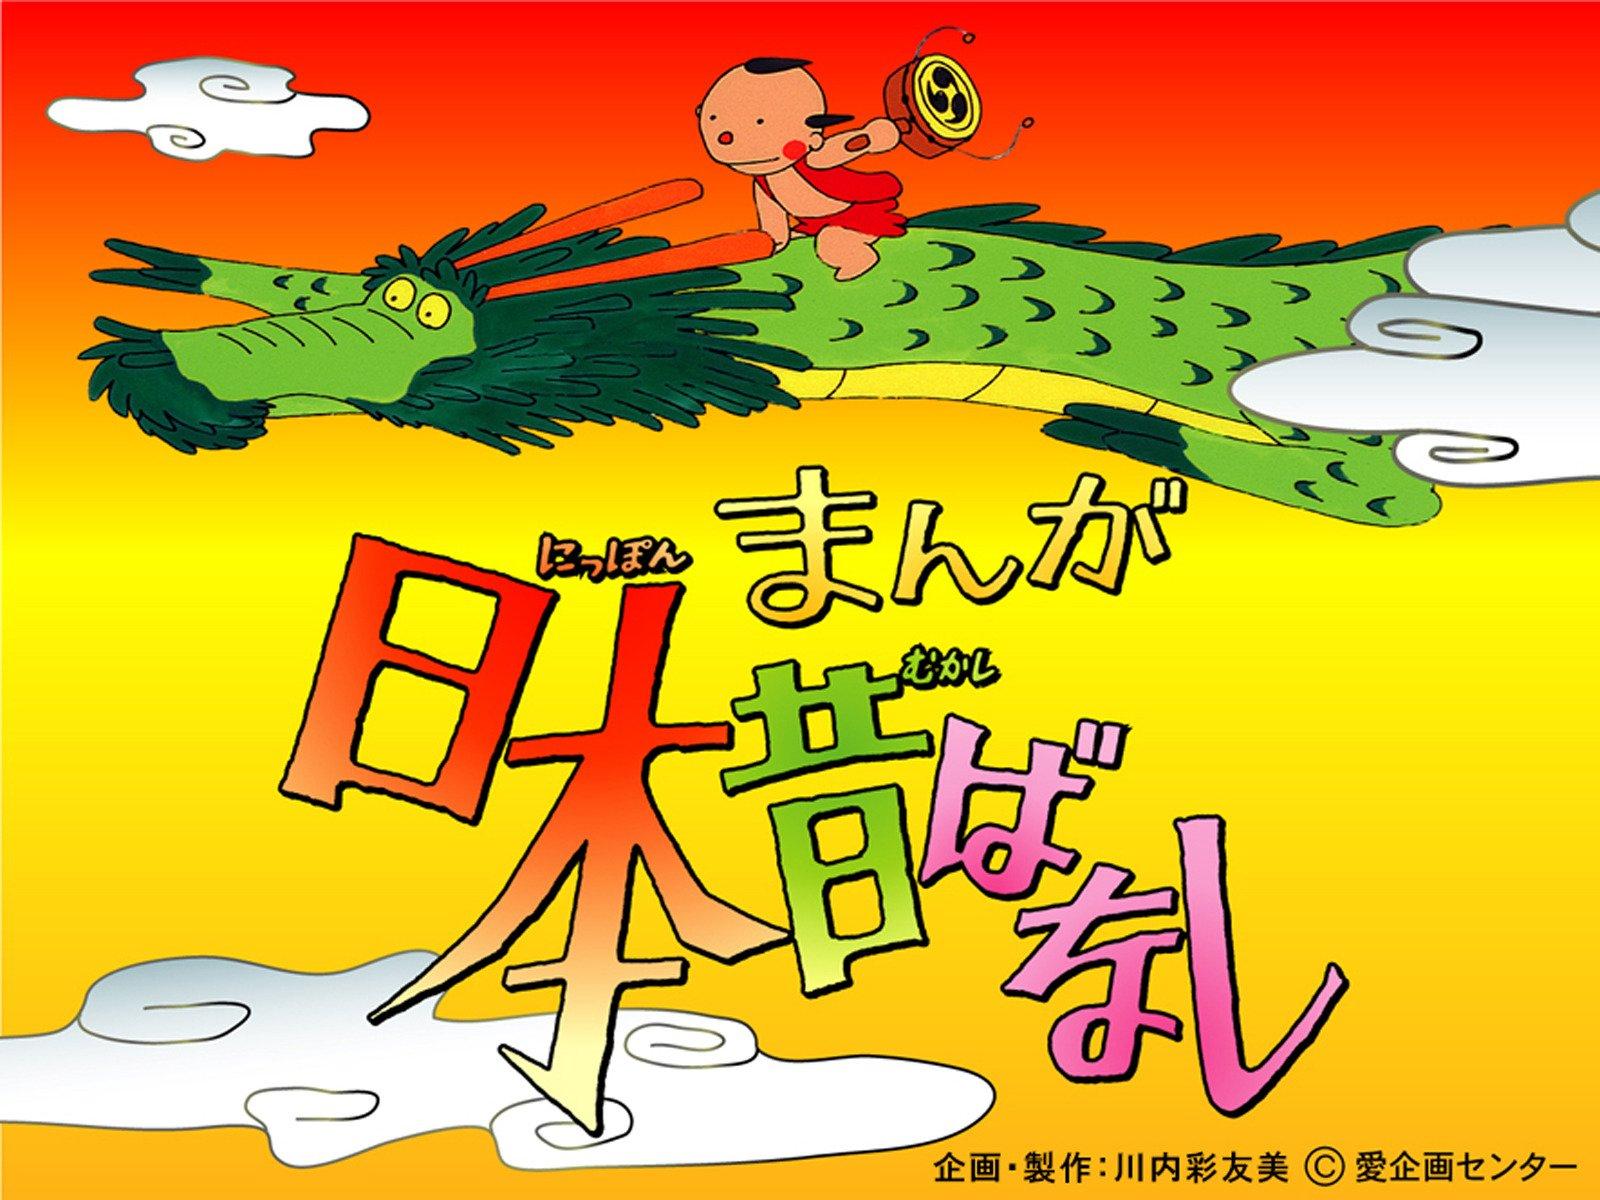 まんが日本昔ばなし全話の再放送は?【訃報】俳優・常田富士男さん死去